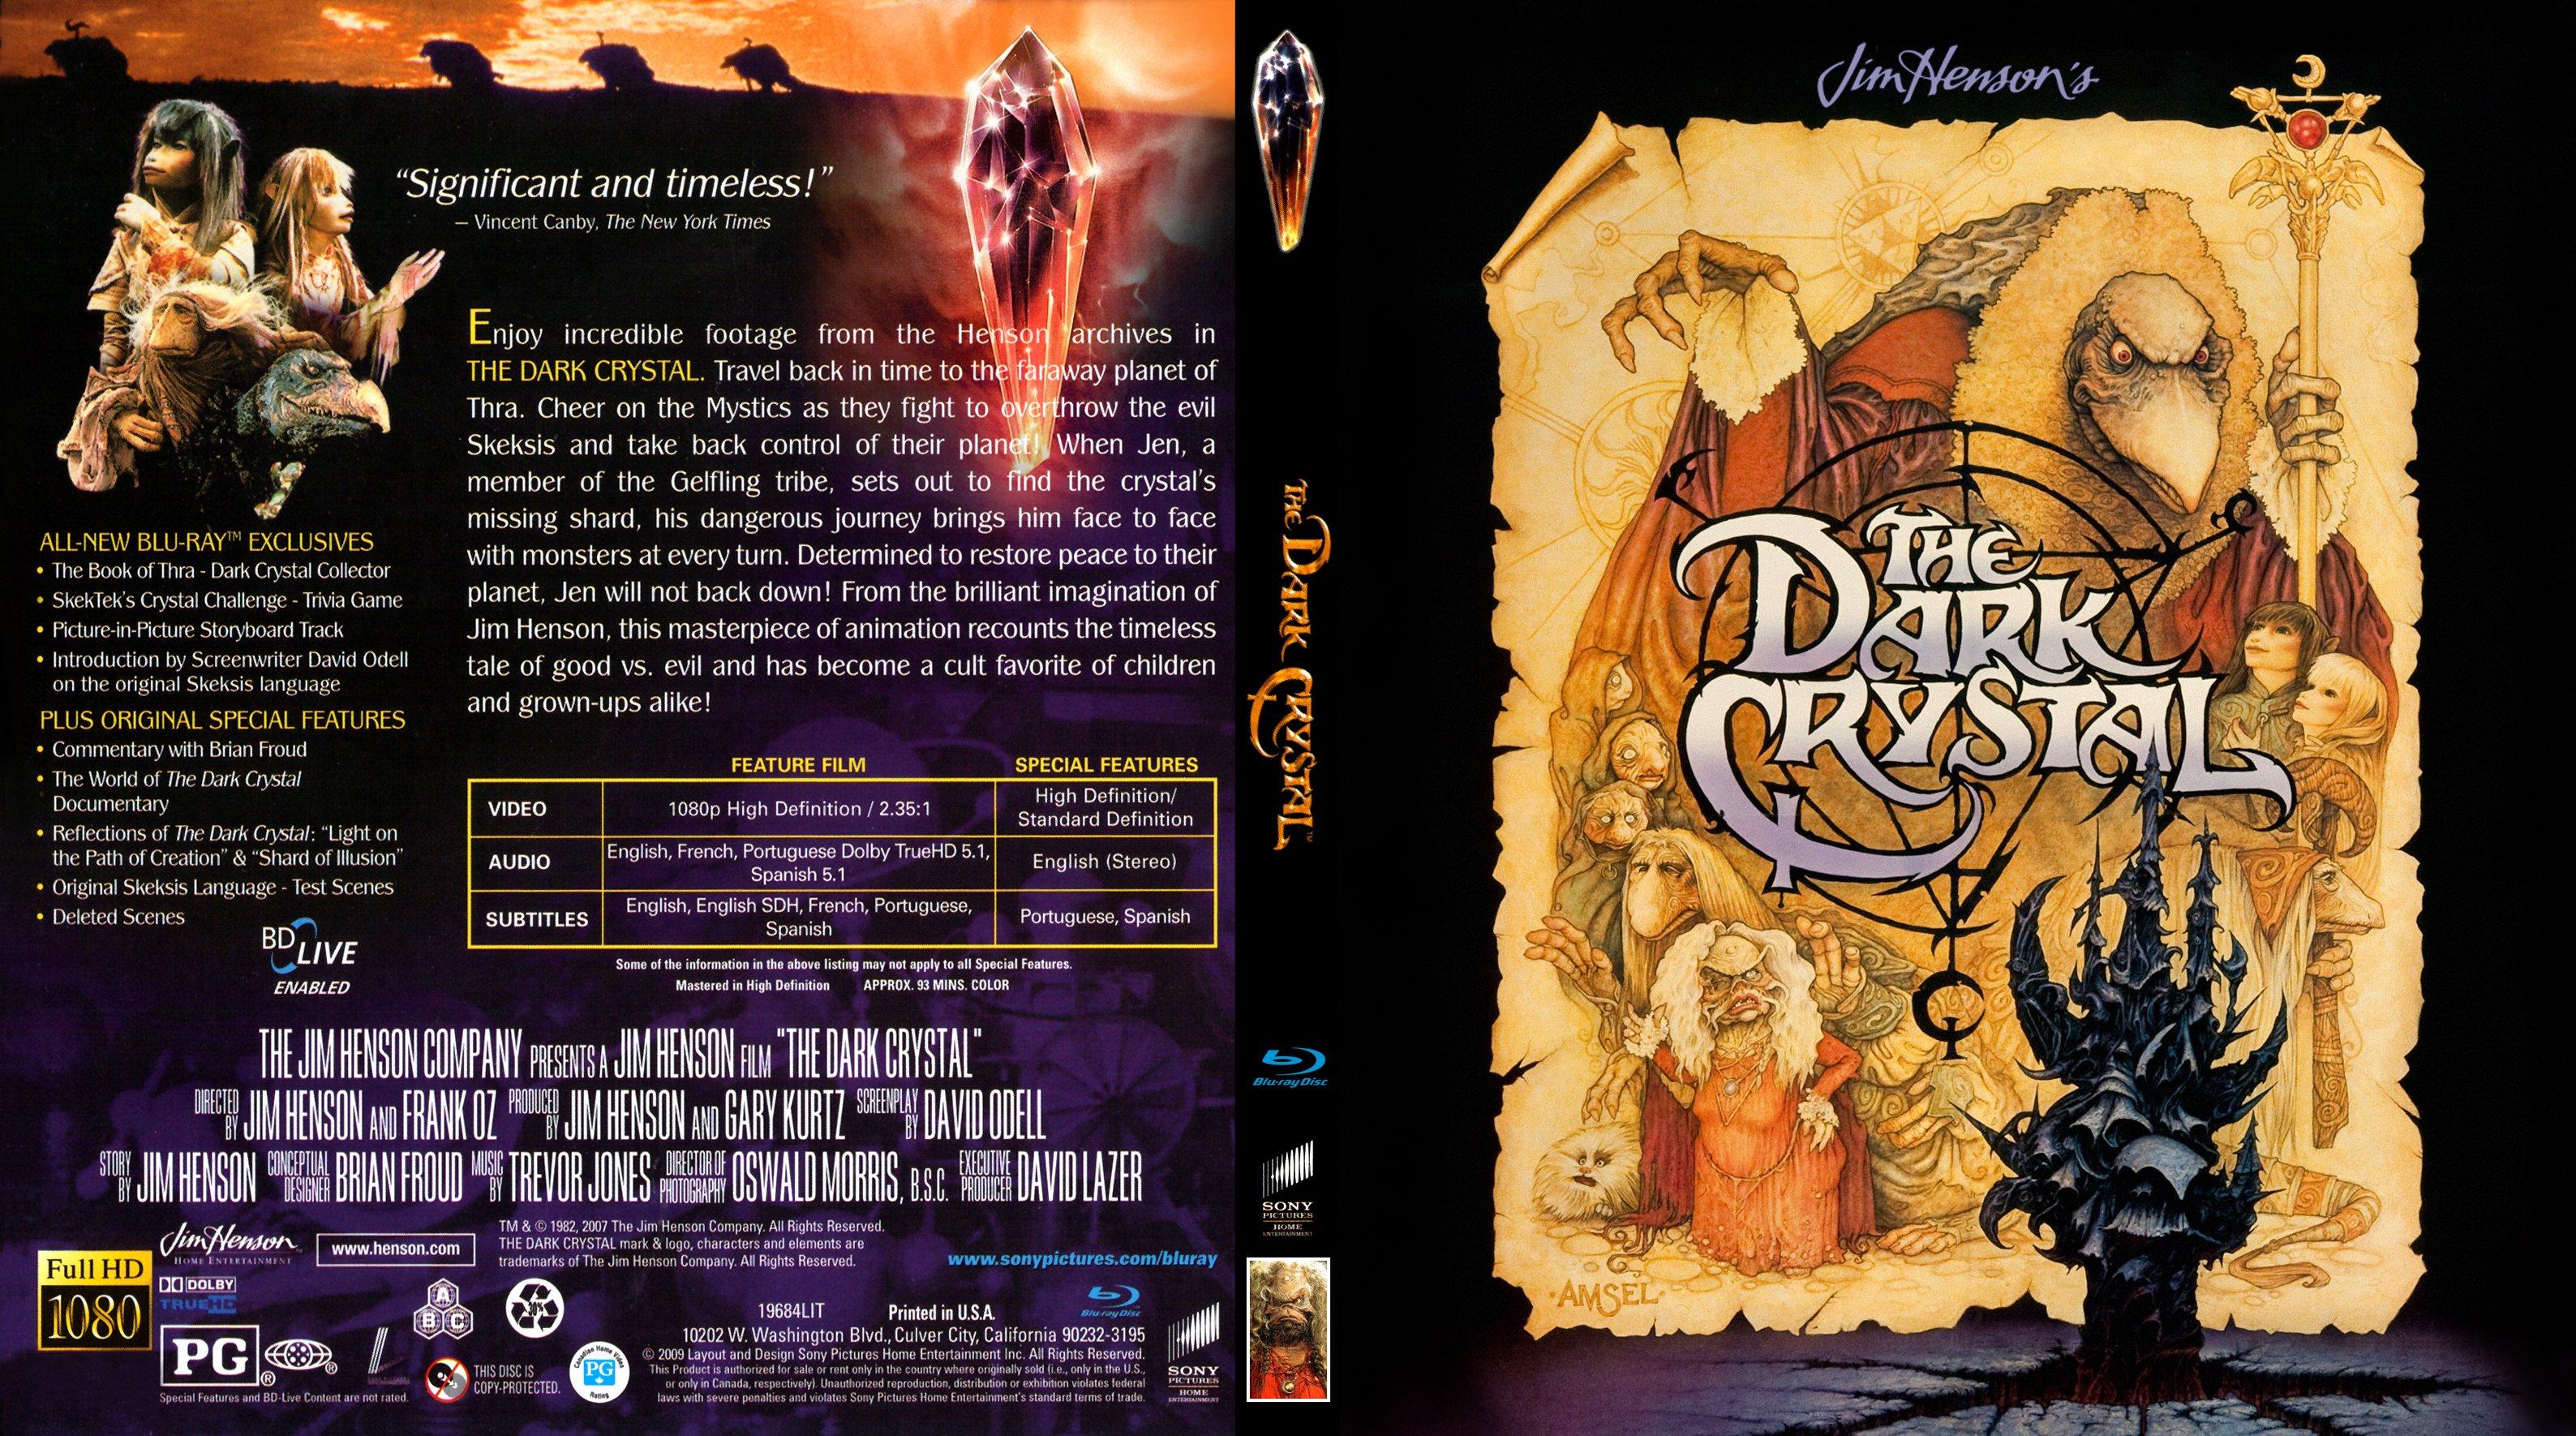 Cartoon fantasy films